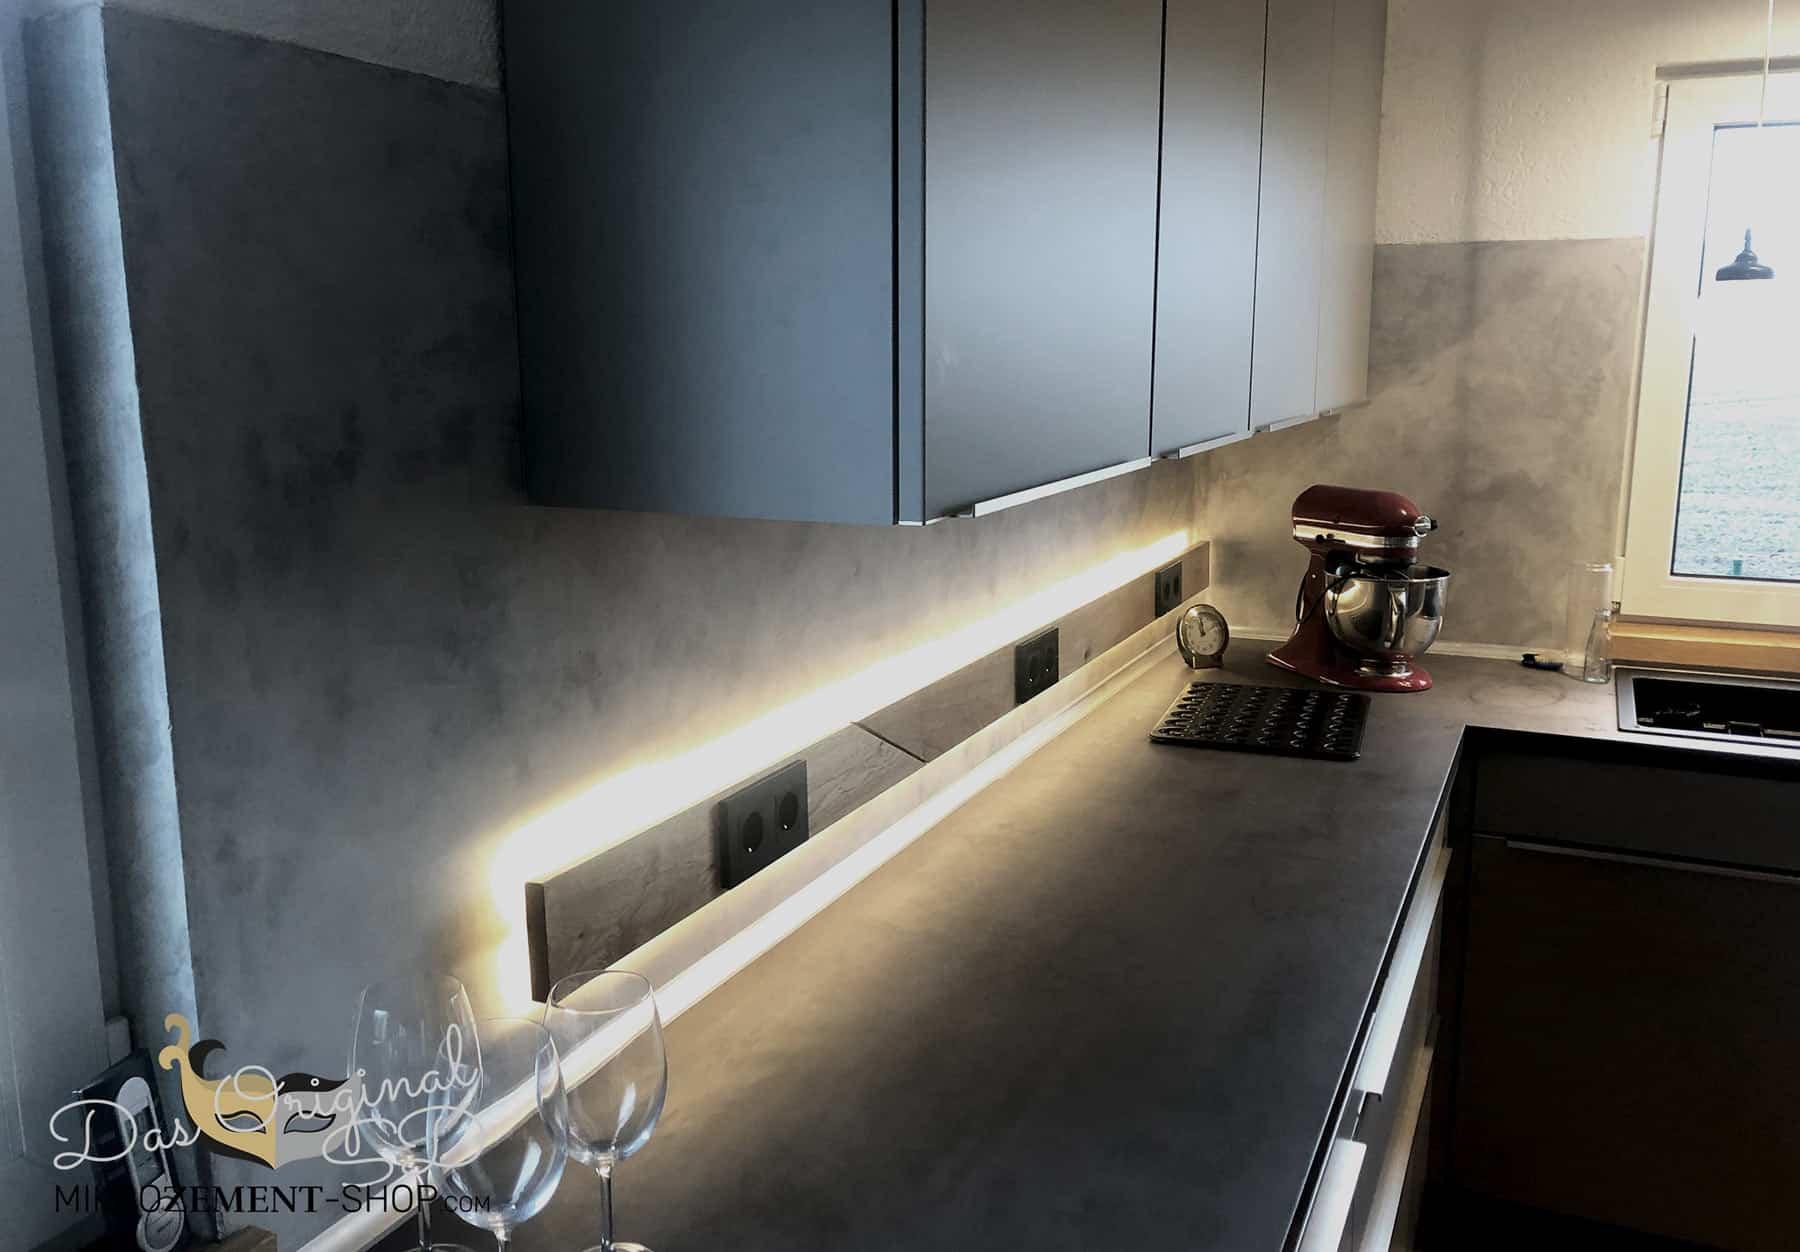 Mikrozement Küche mit indirektem Licht